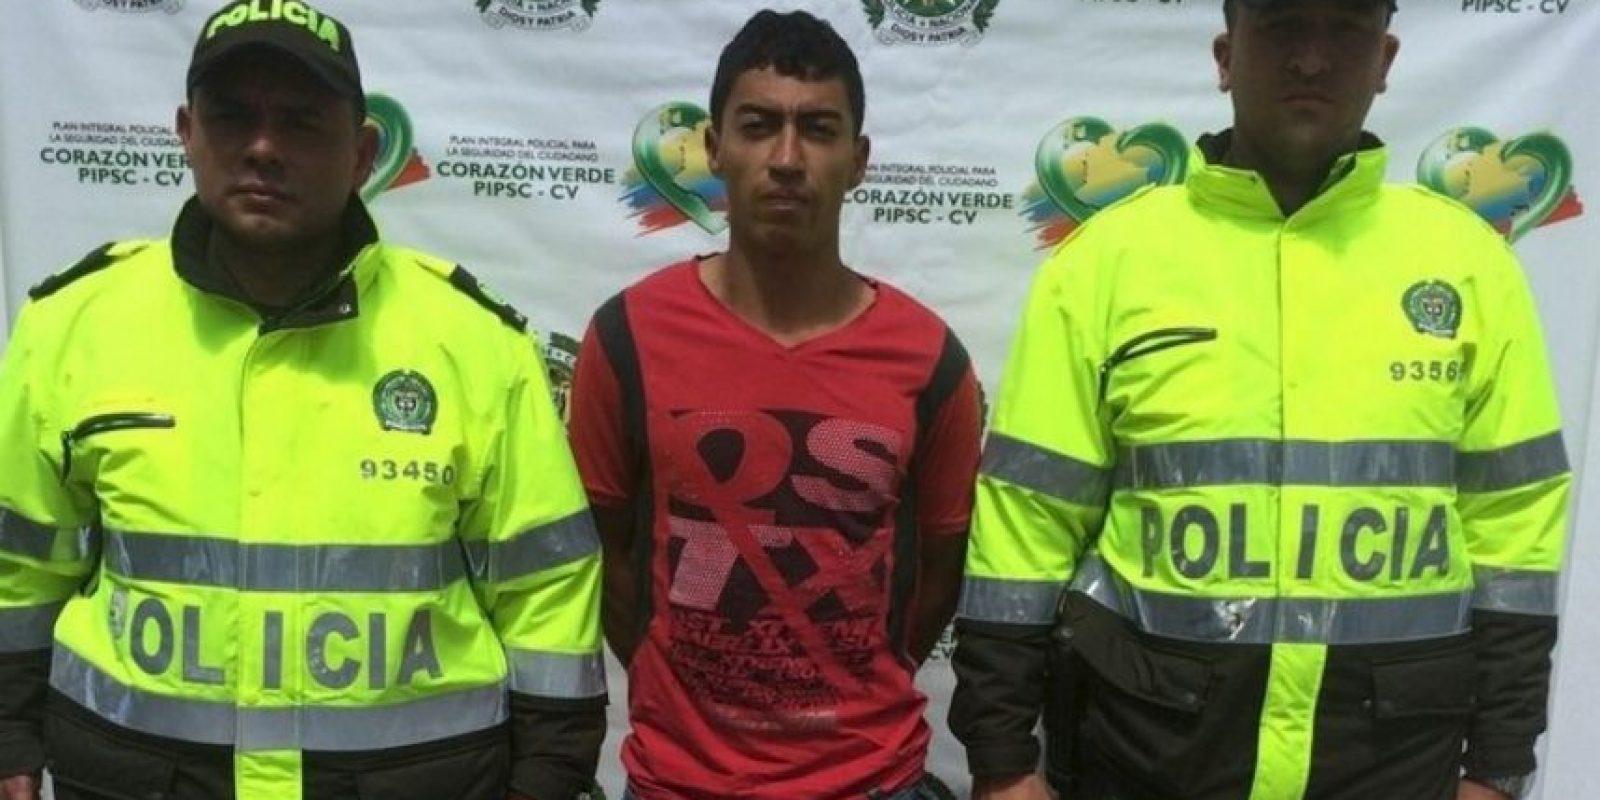 Cristian León Henao mató a su hija de dos años solo porque se creía Dios. Foto:Policía de San Vicente Ferrer